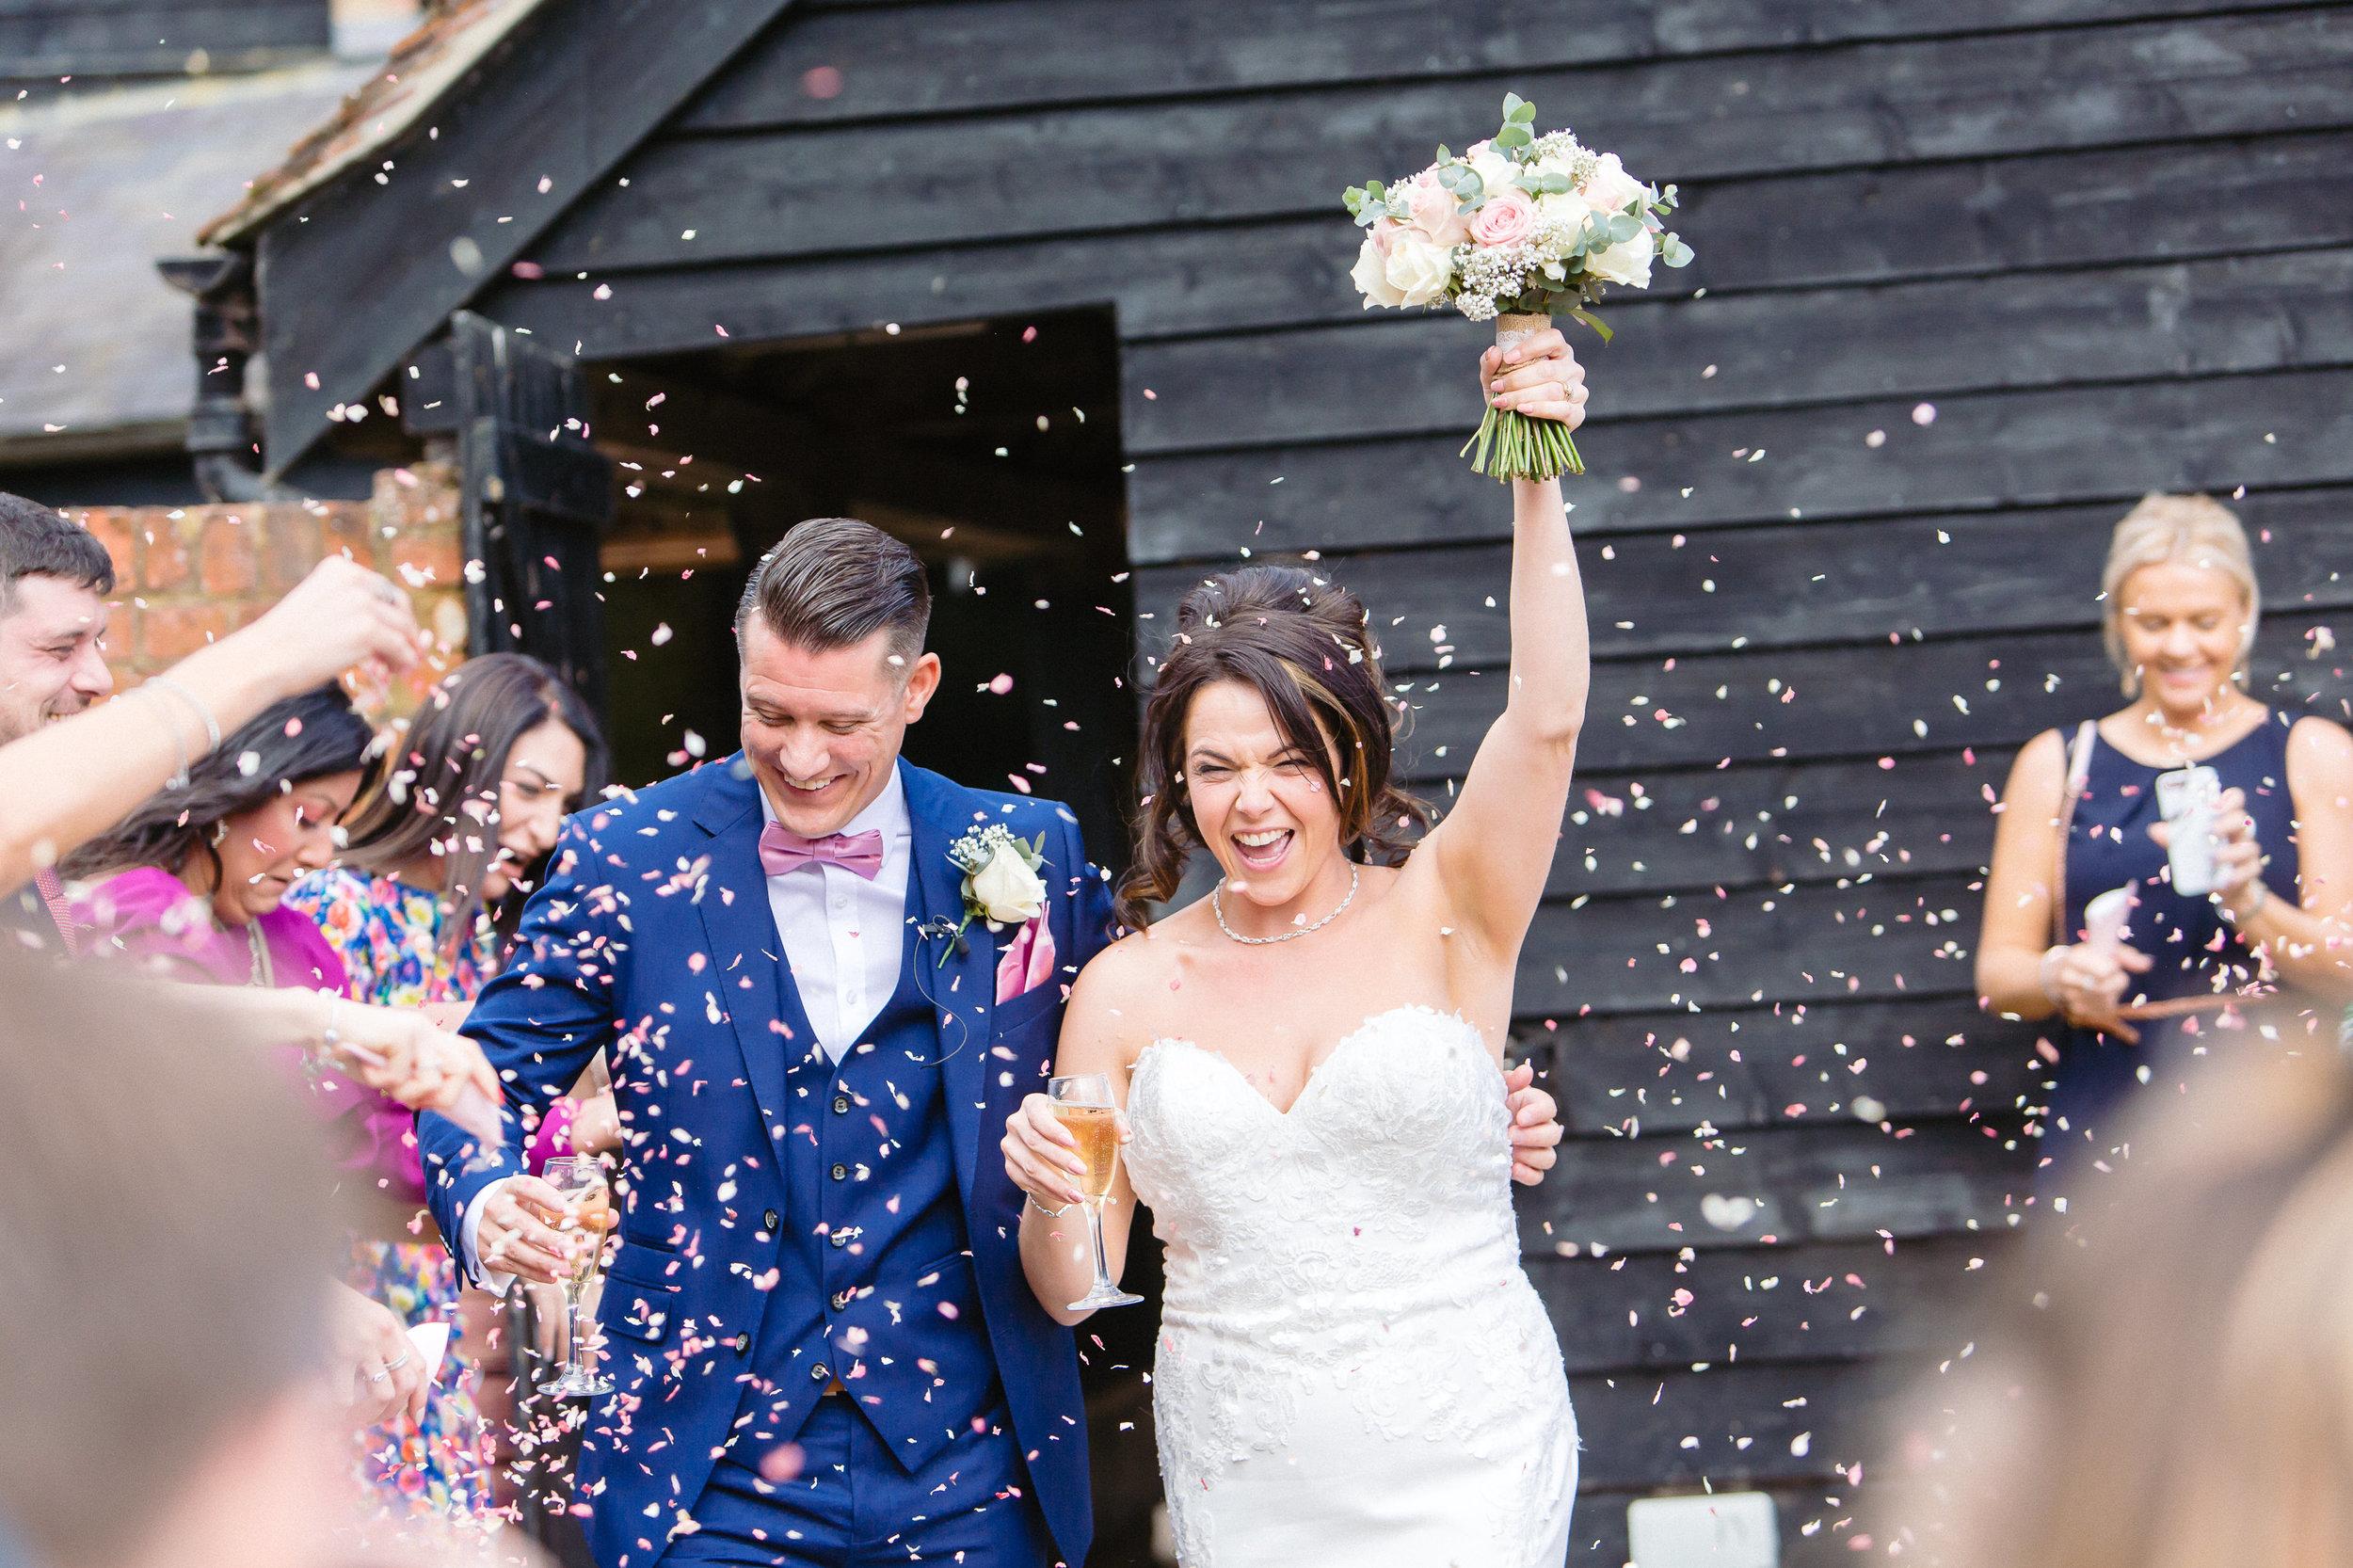 vicky-ant-wedding-433.jpg